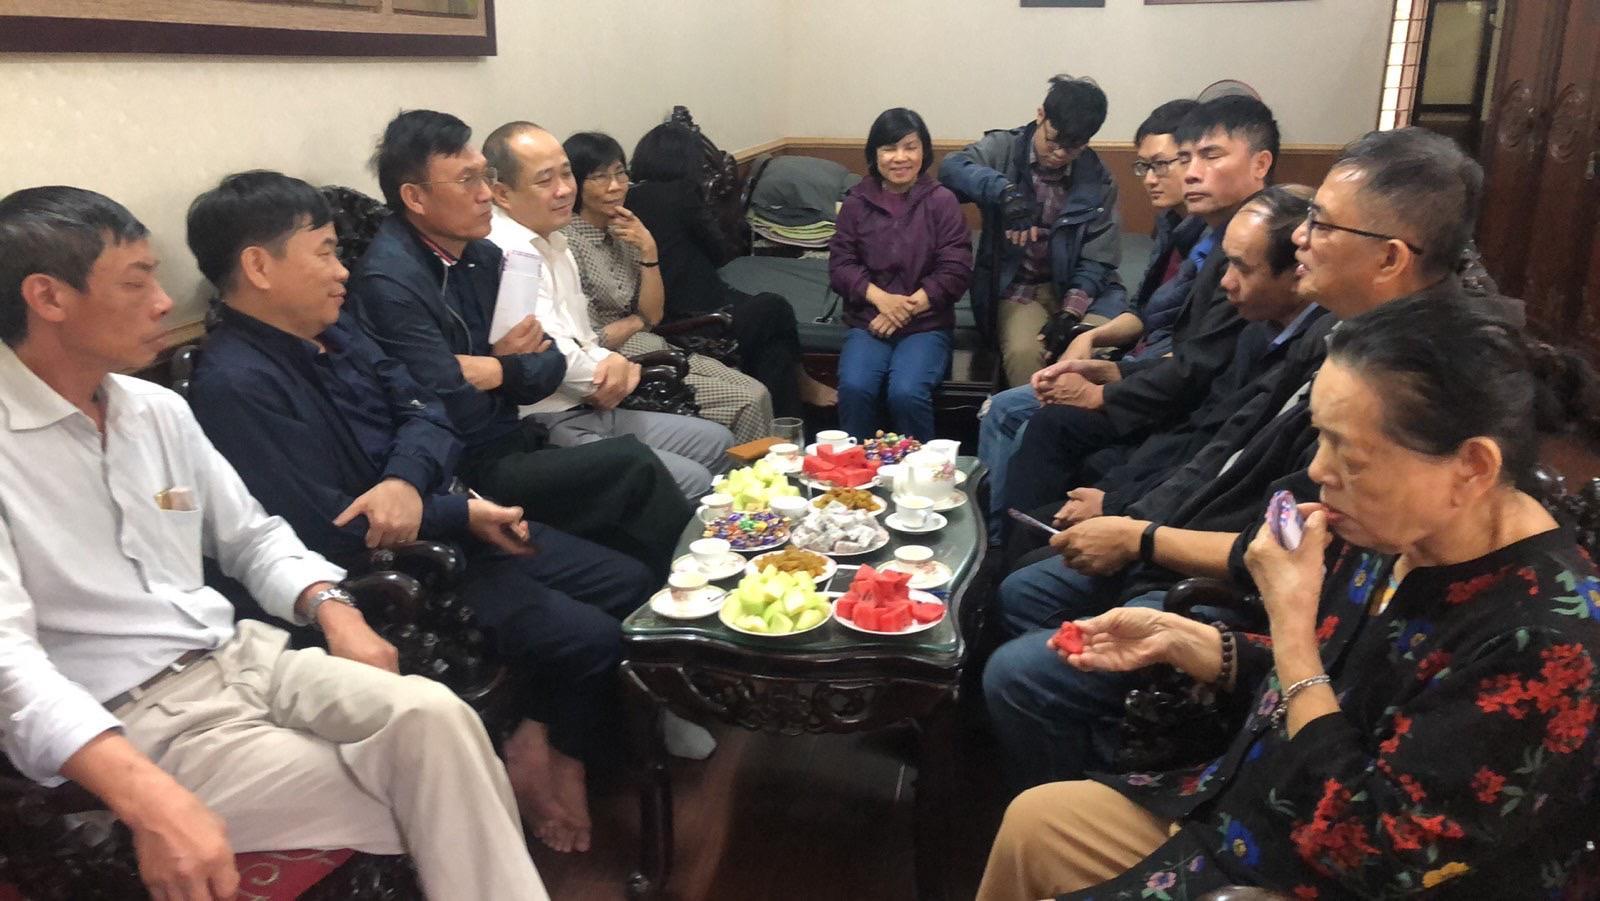 Danh sách họ Lưu Quan ở Hà Nội